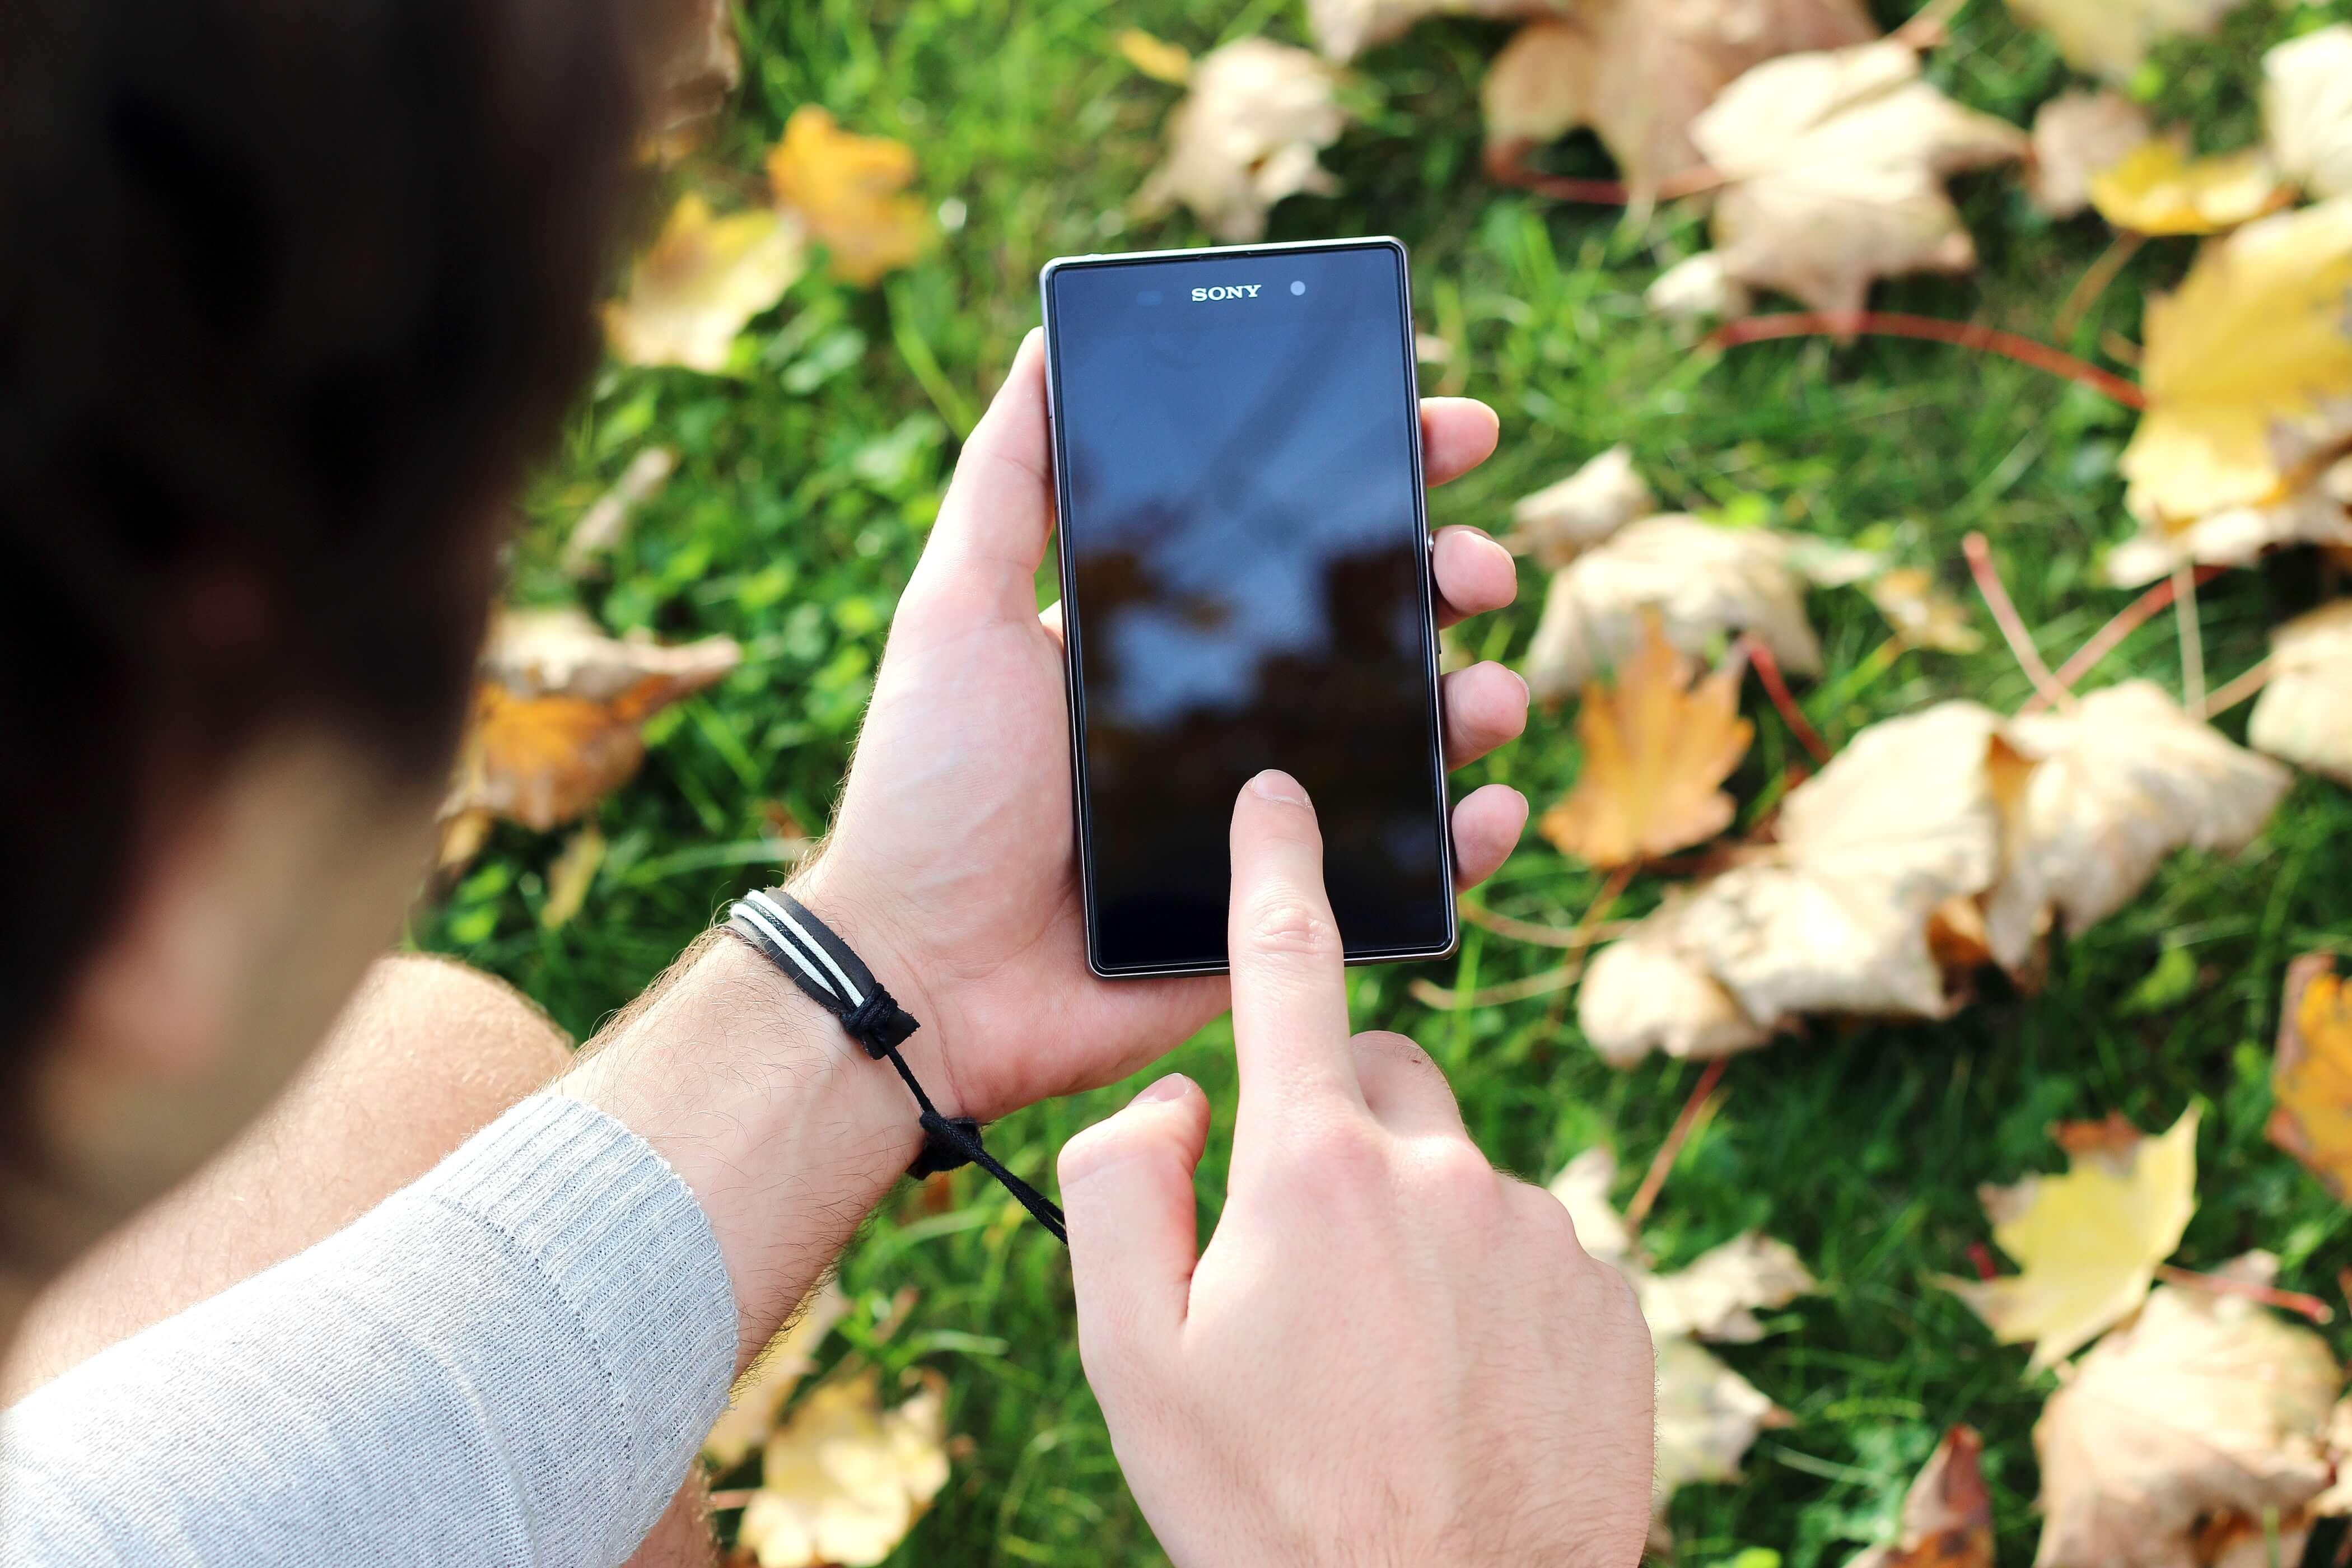 Androidスマホが起動しない!立ち上がらないとデータはどうなる?